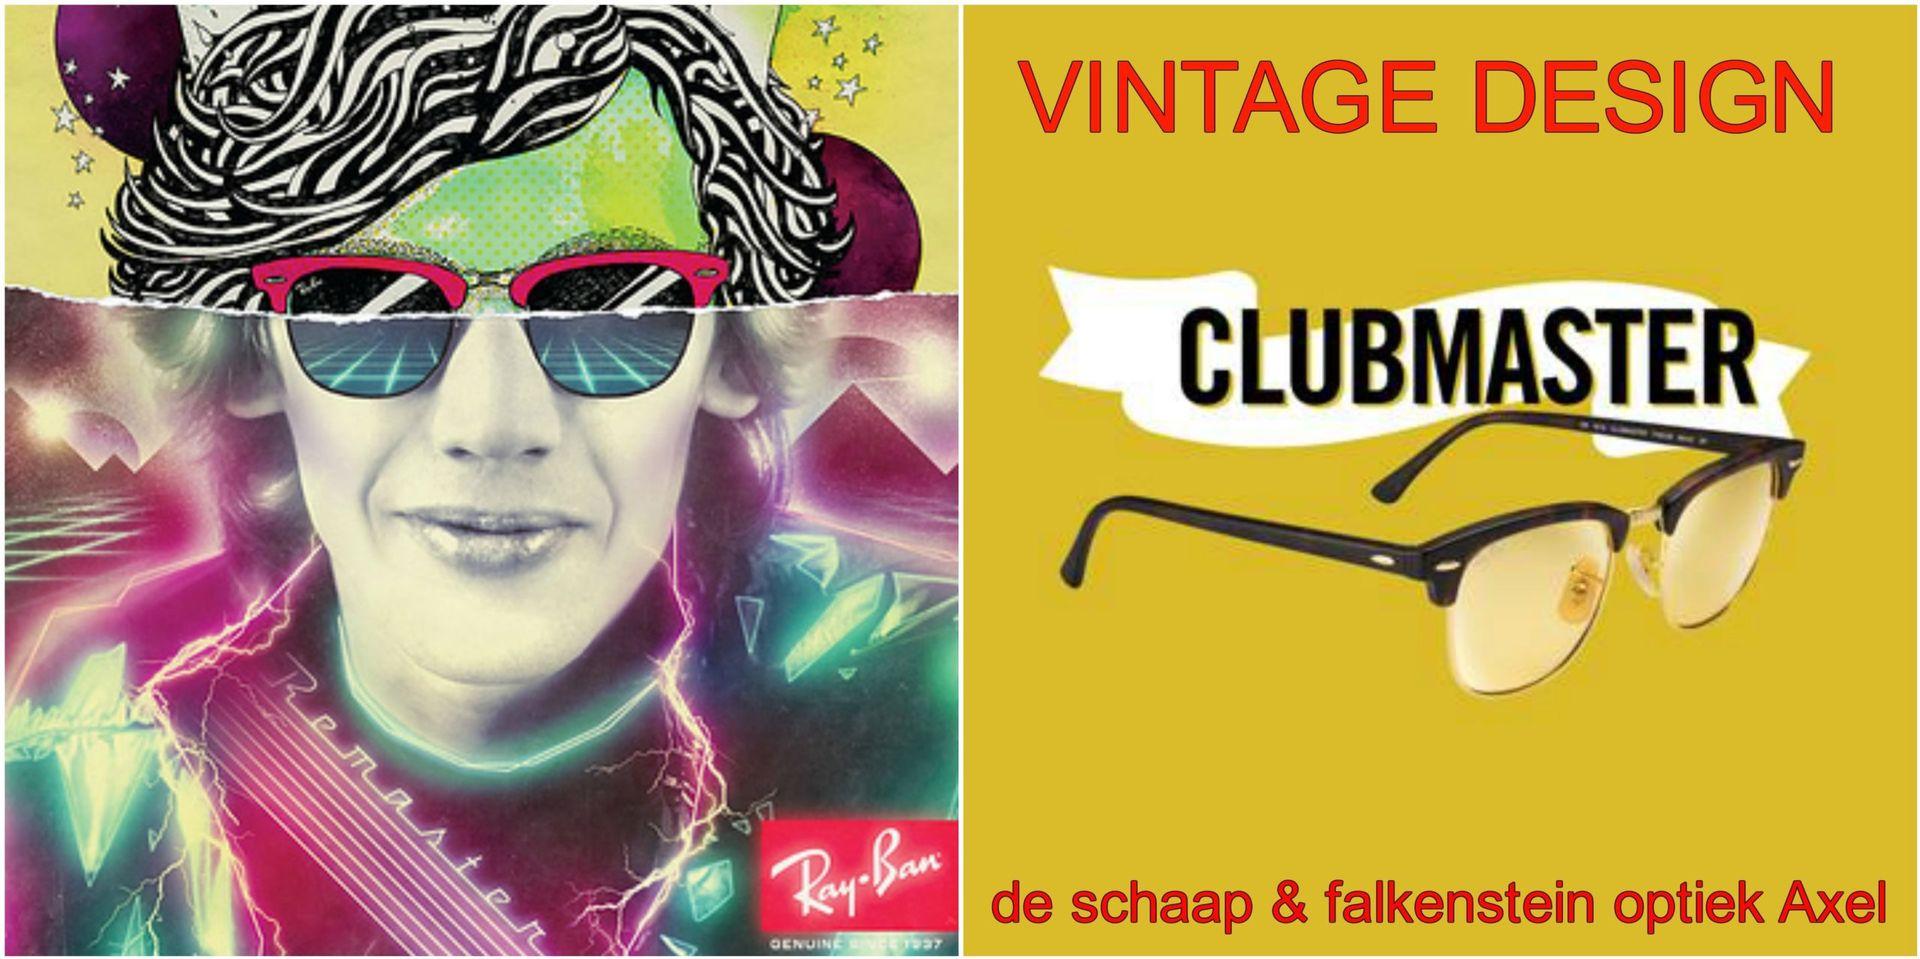 Collage Vintage Design Ray-Ban - voor website & fb - met winkelnaam